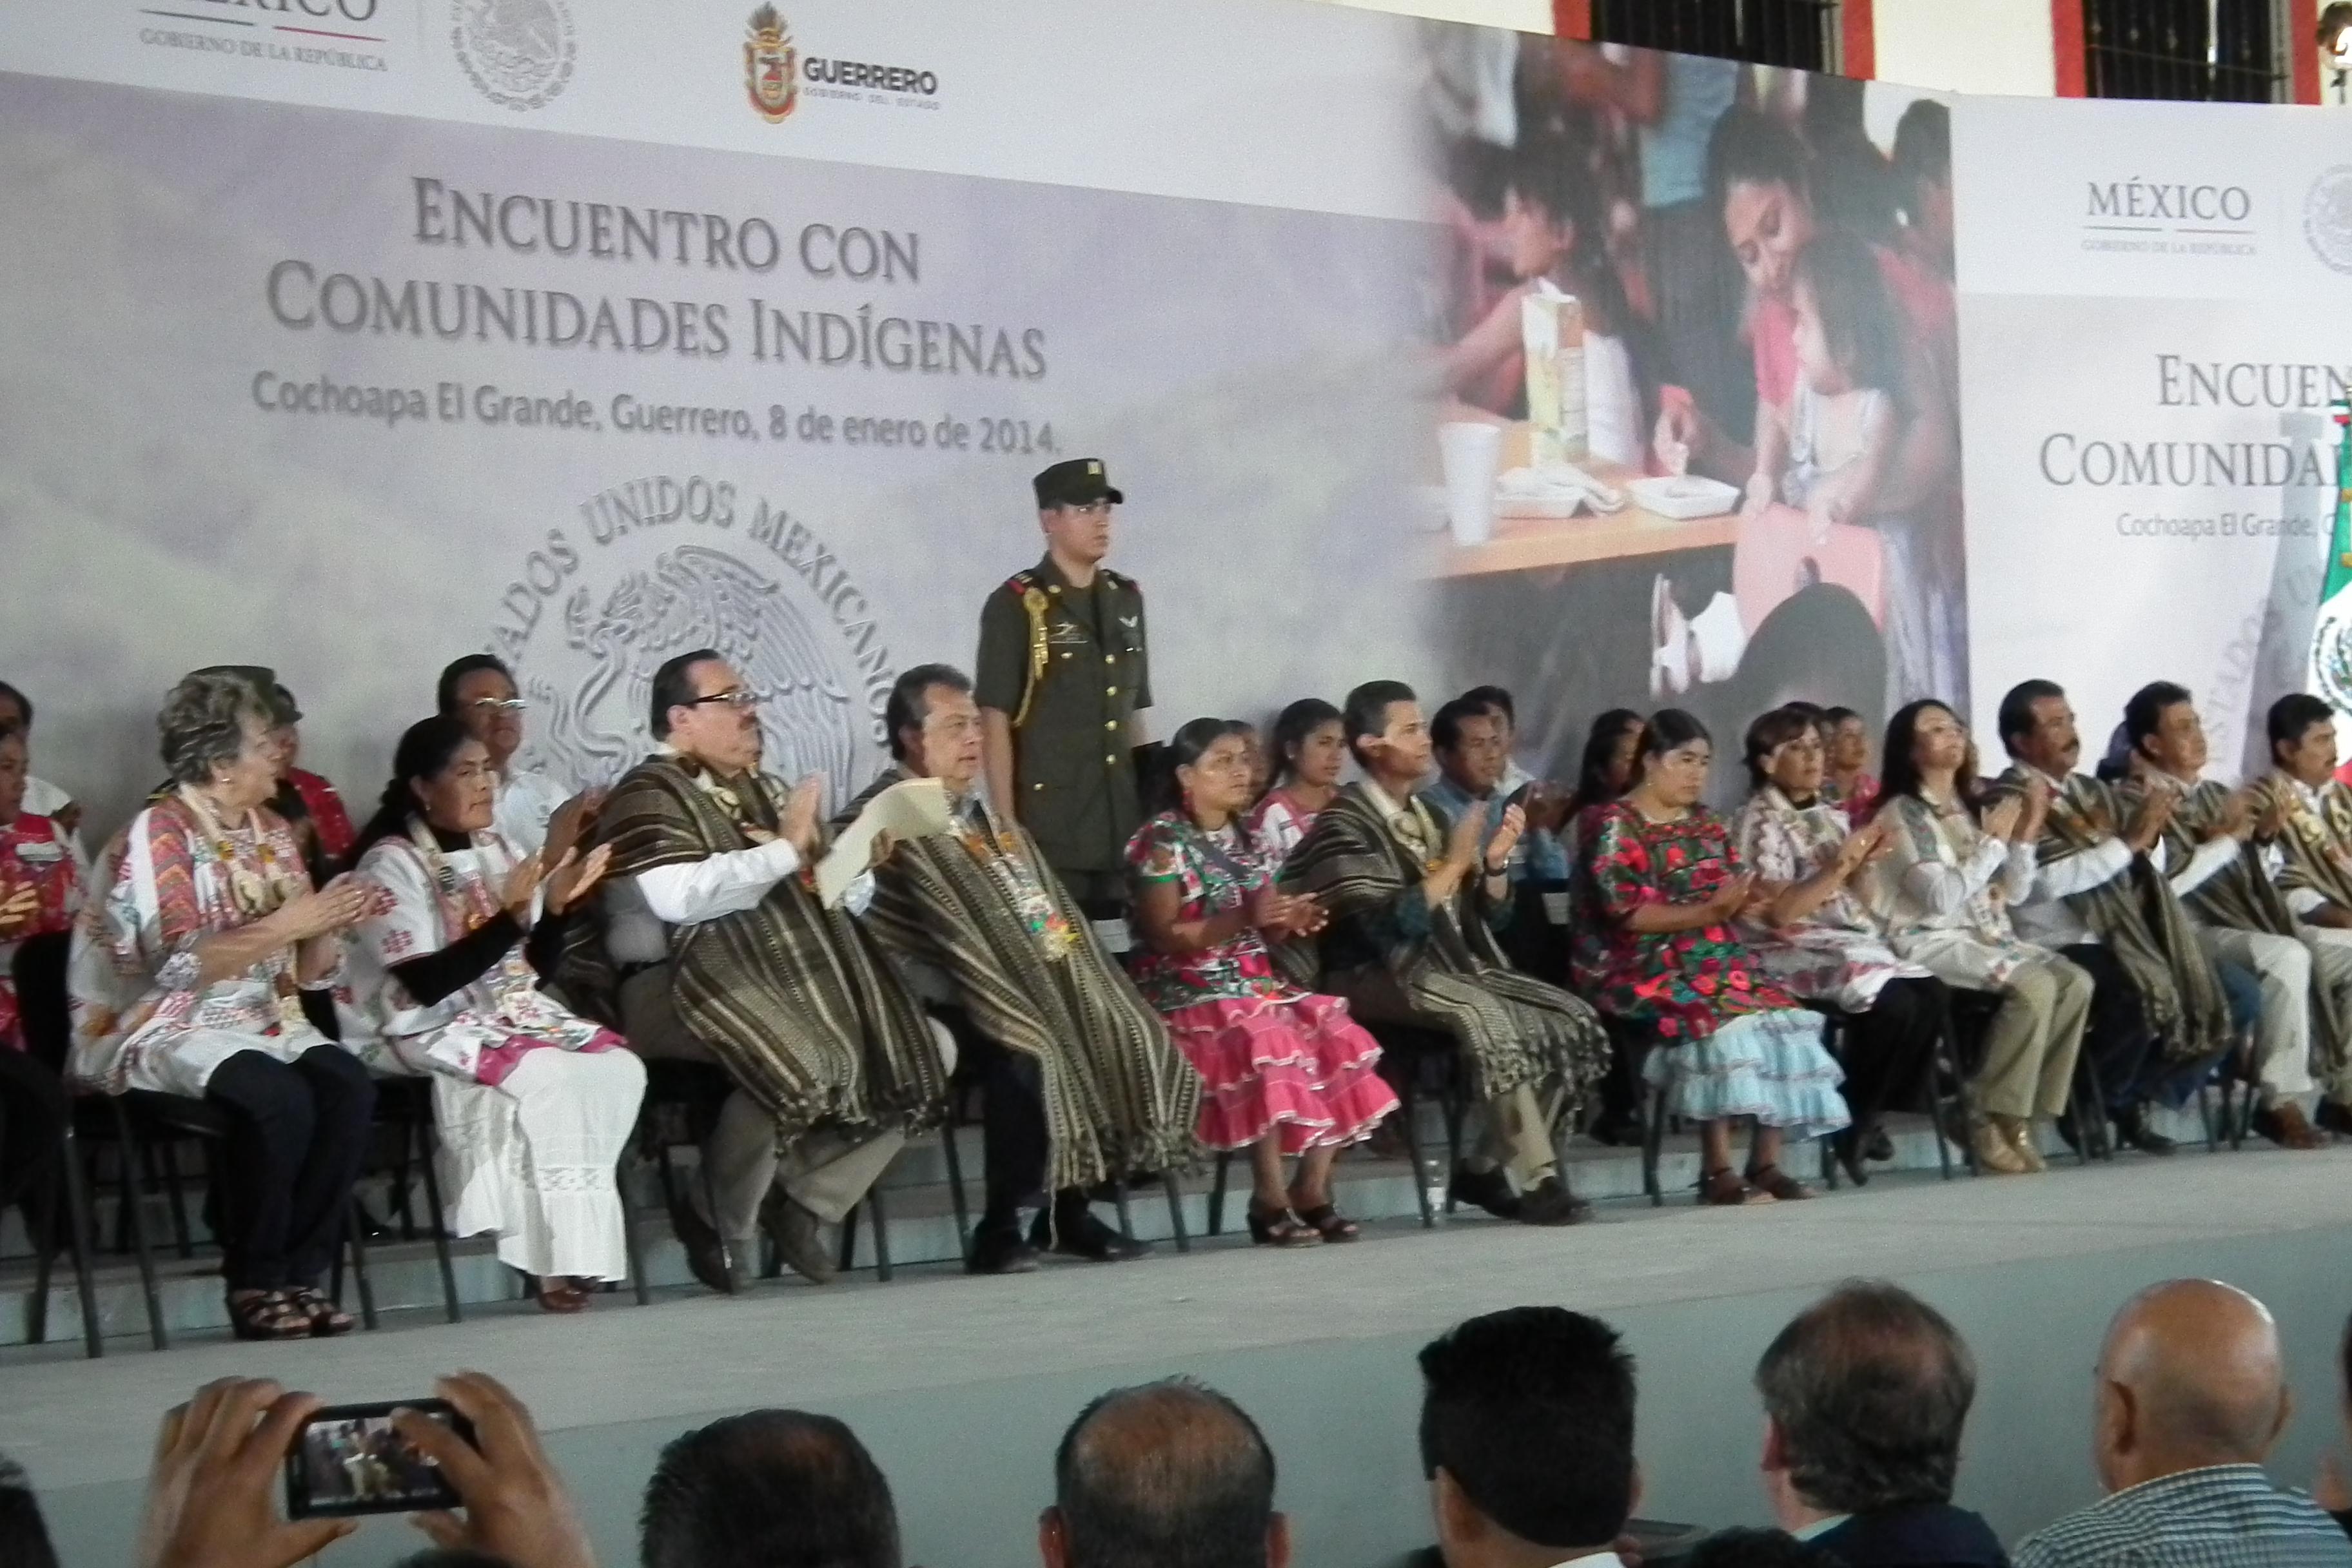 El Presidente Enrique Peña Nieto encabezó un encuentro con comunidades indígenas en el estado de Guerrero, acto al que asistió el titular de la Secretaría de Desarrollo Agrario, Territorial y Urbano (SEDATU), Jorge Carlos Ramírez Marín.